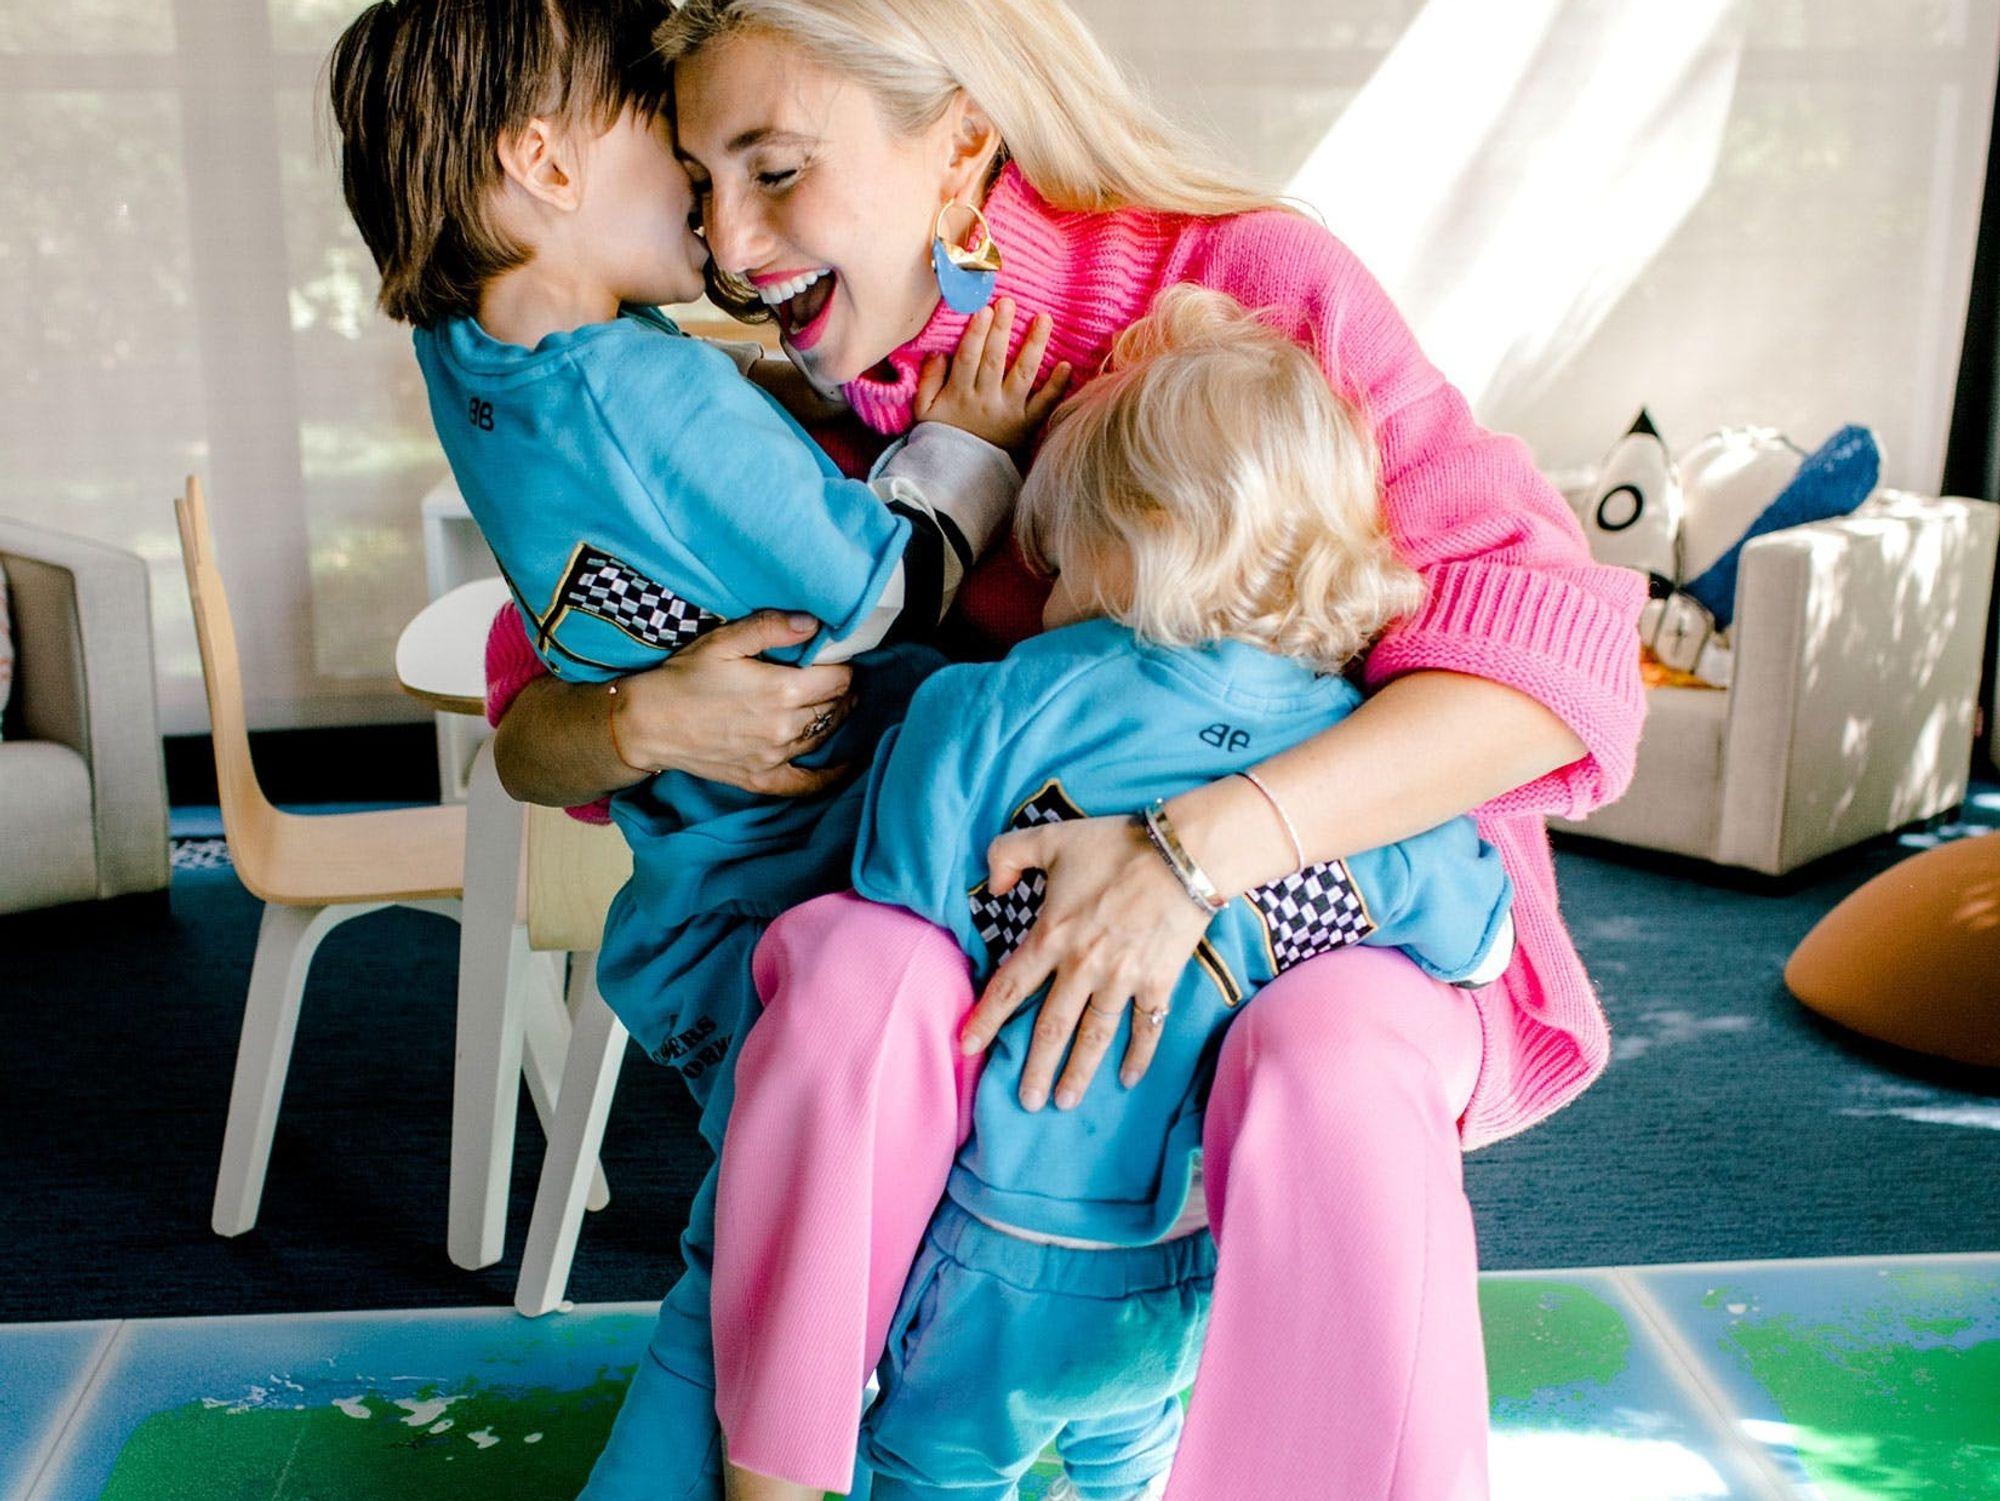 Fashion-Forward Mama Nasiba Adilova is Here to Make Stylish *and* Socially Responsible Baby Goods Mainstream